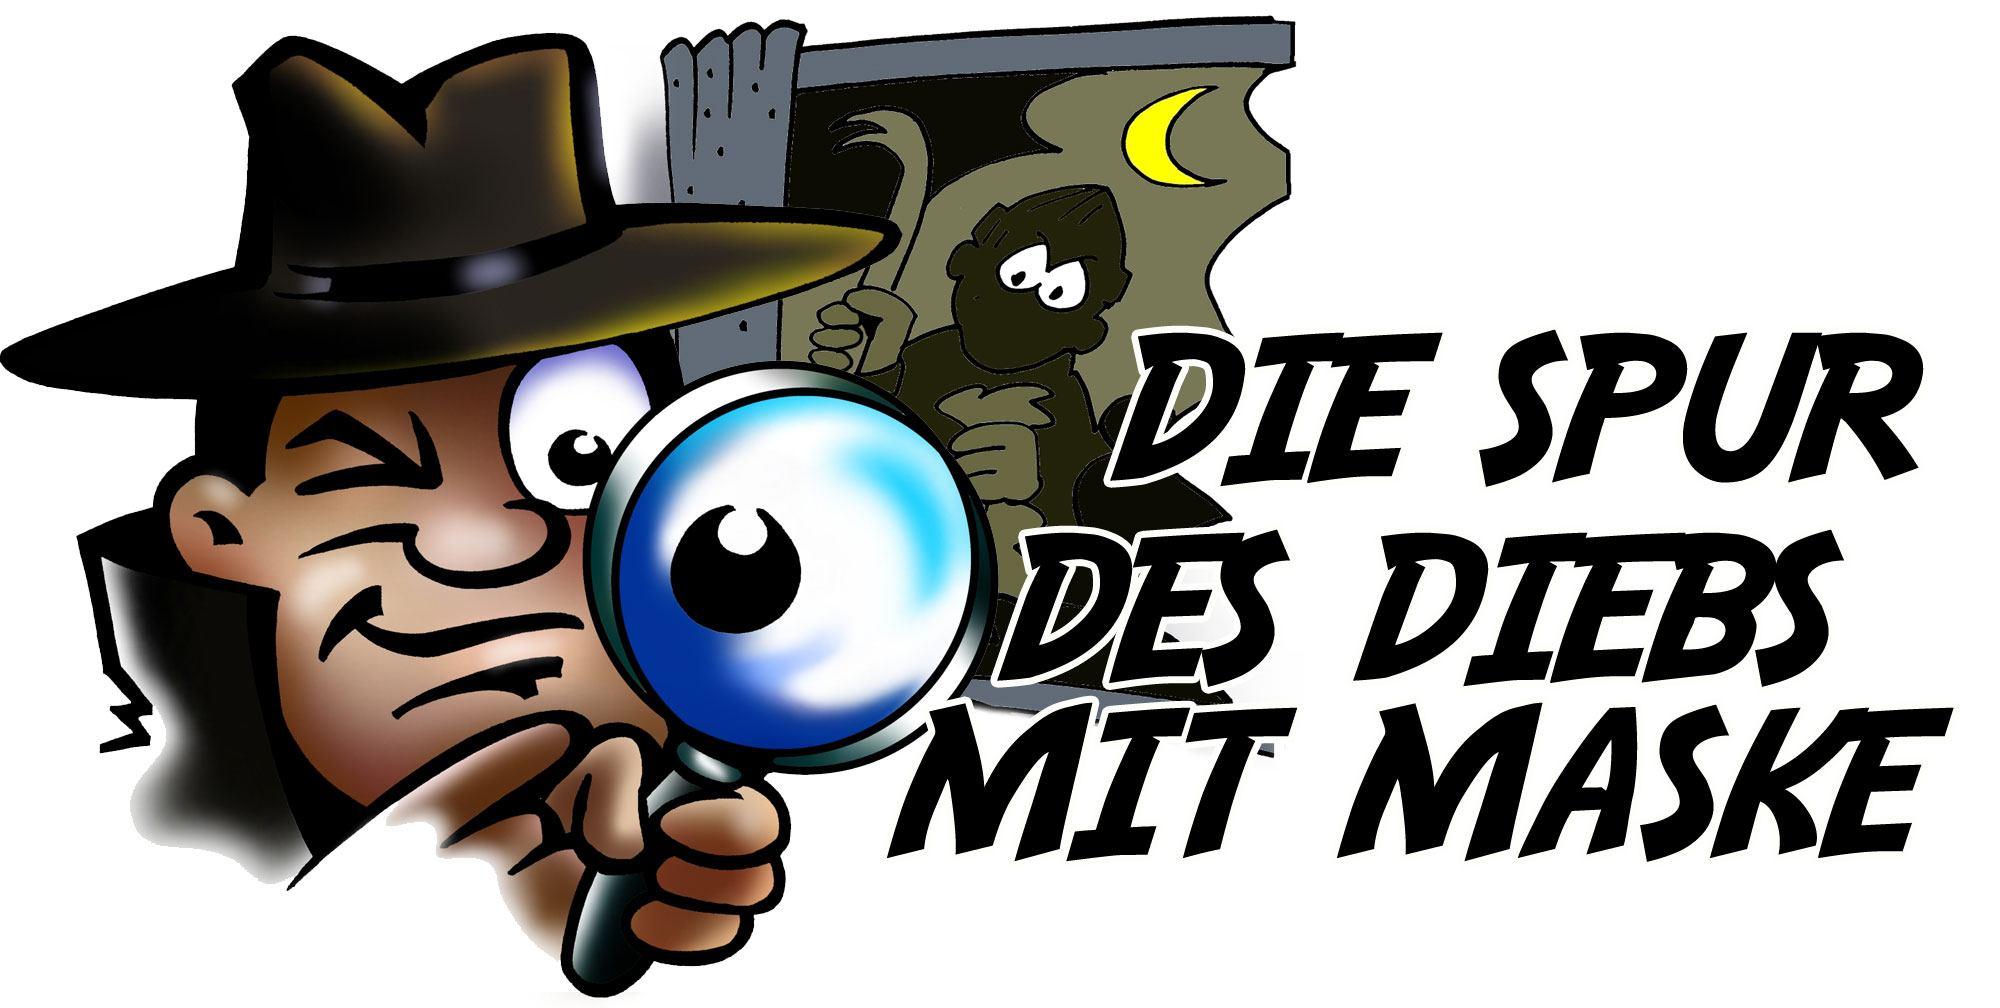 neue gps kinderspiele schnitzeljagd mit Motto Detektiv und Dieb